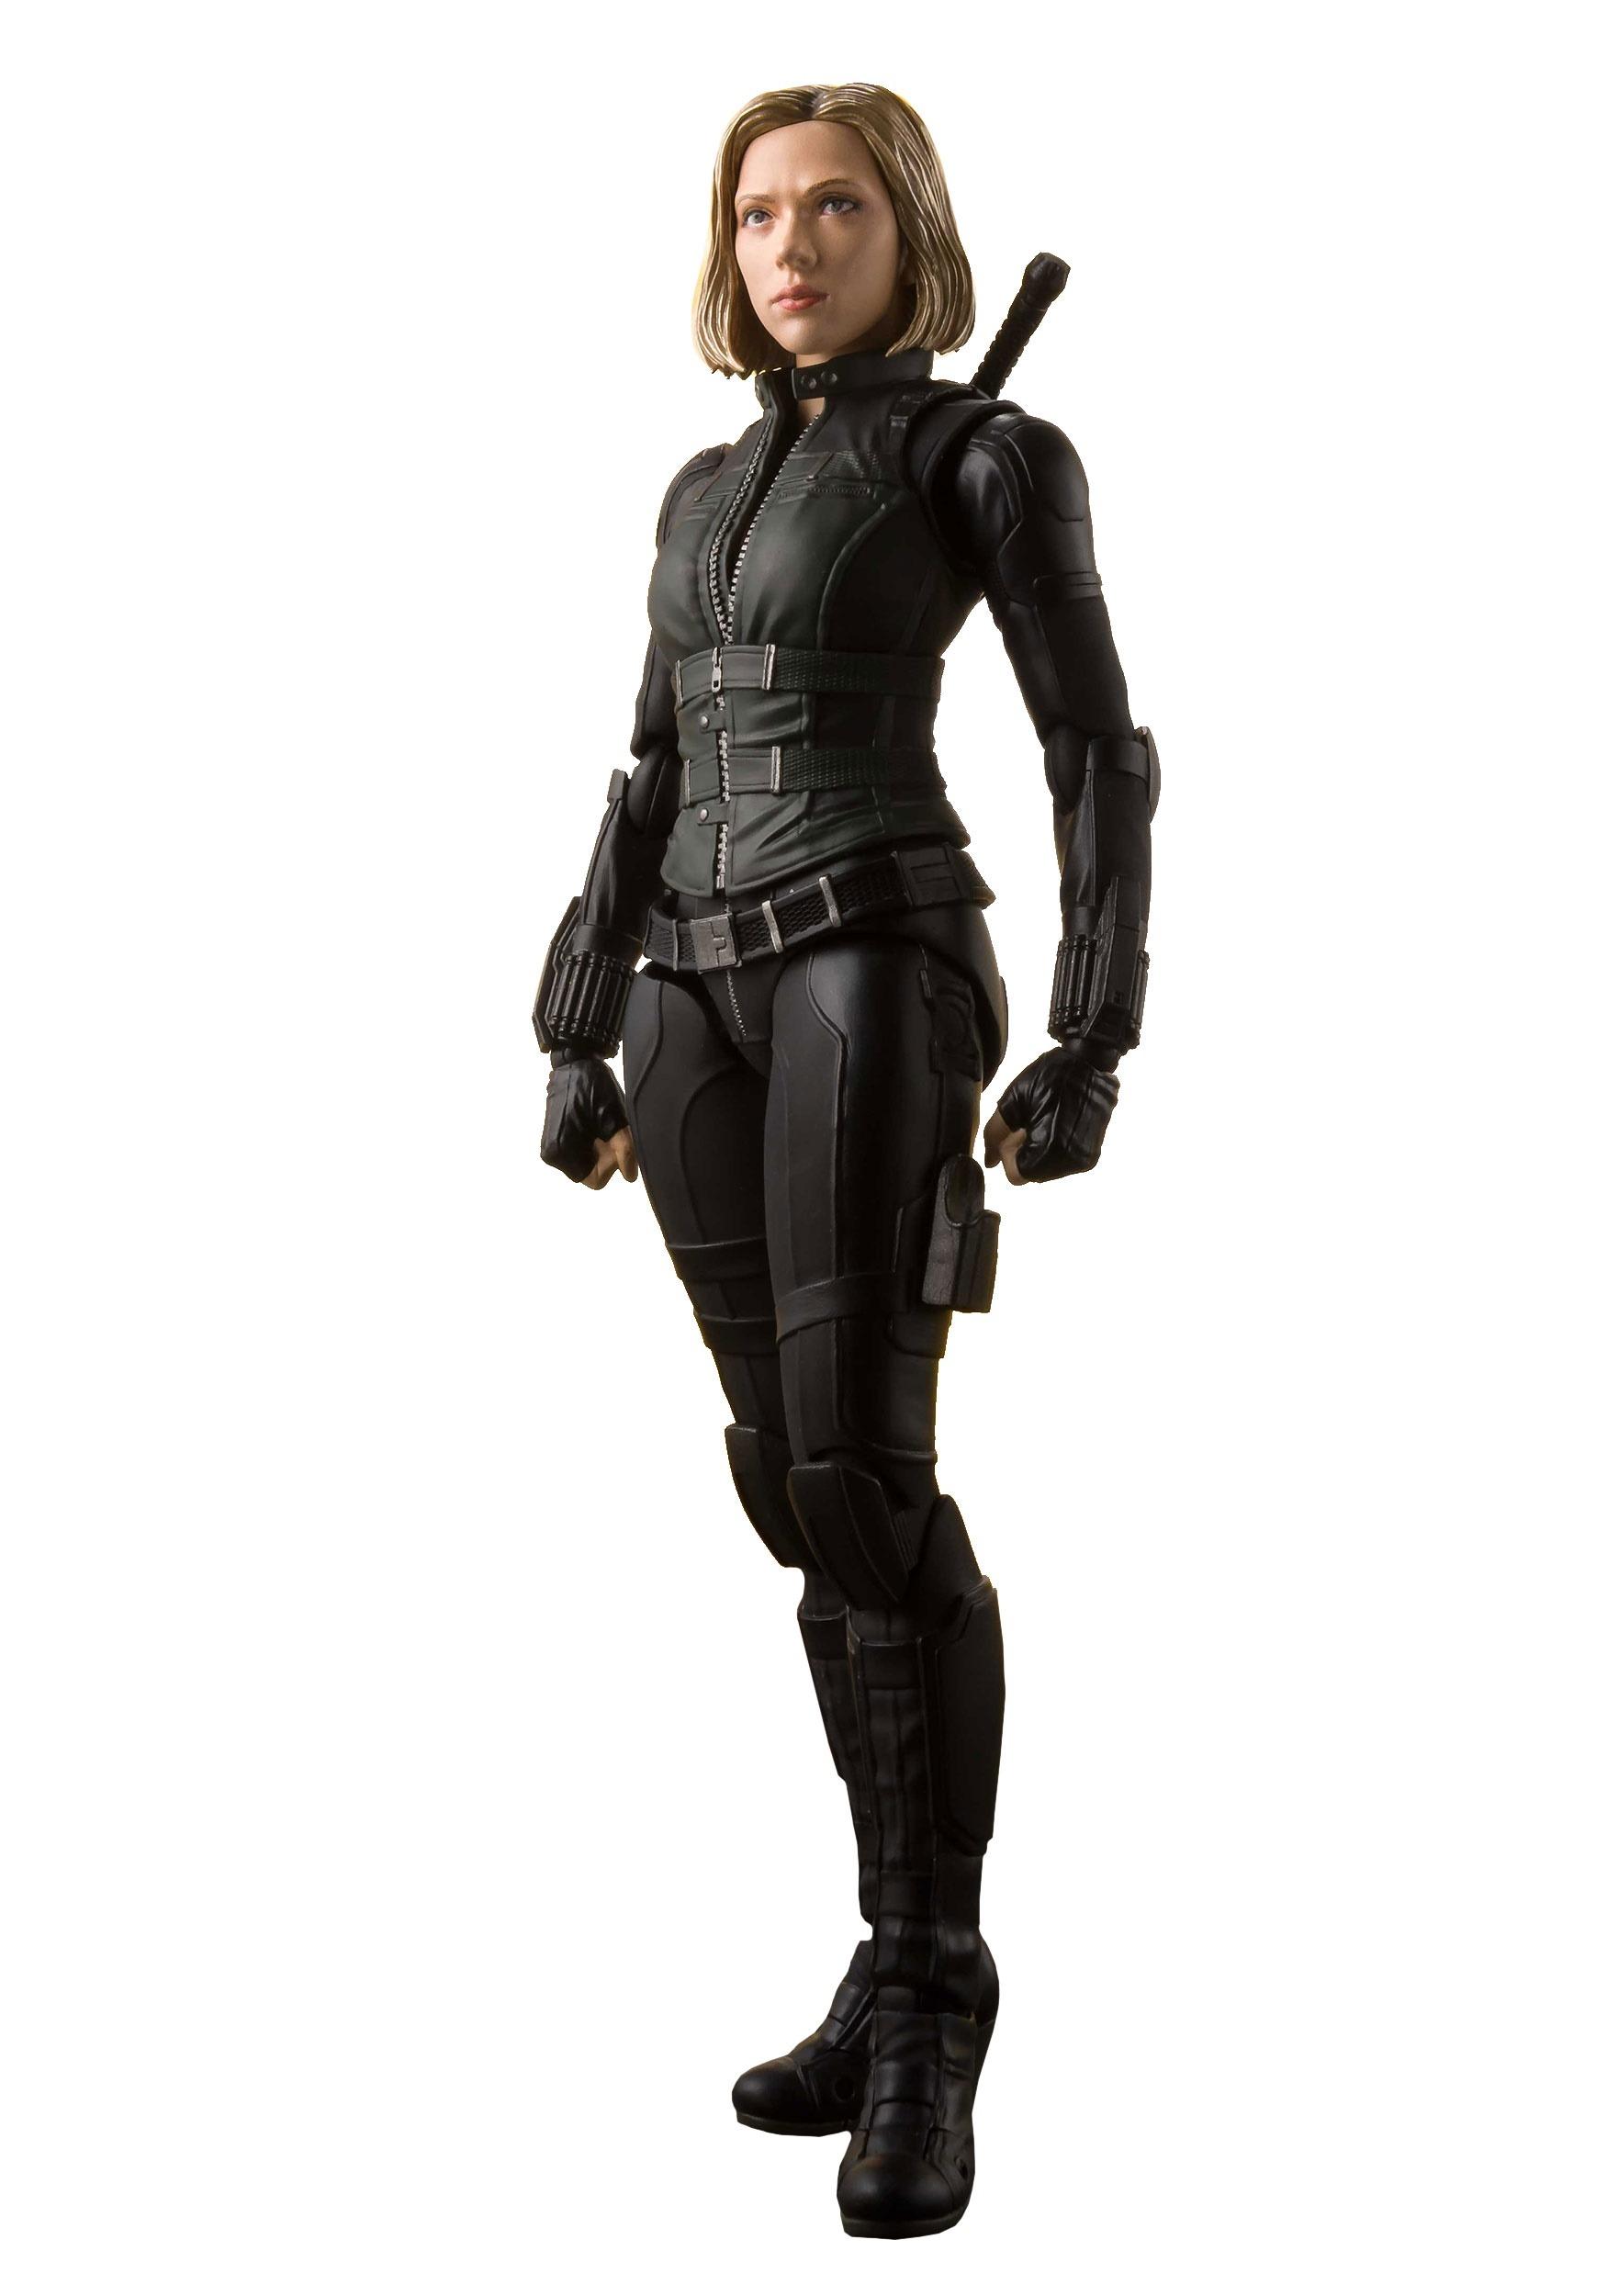 Black_Widow_Bandai_SH_Figuart_Avengers_Infinity_War